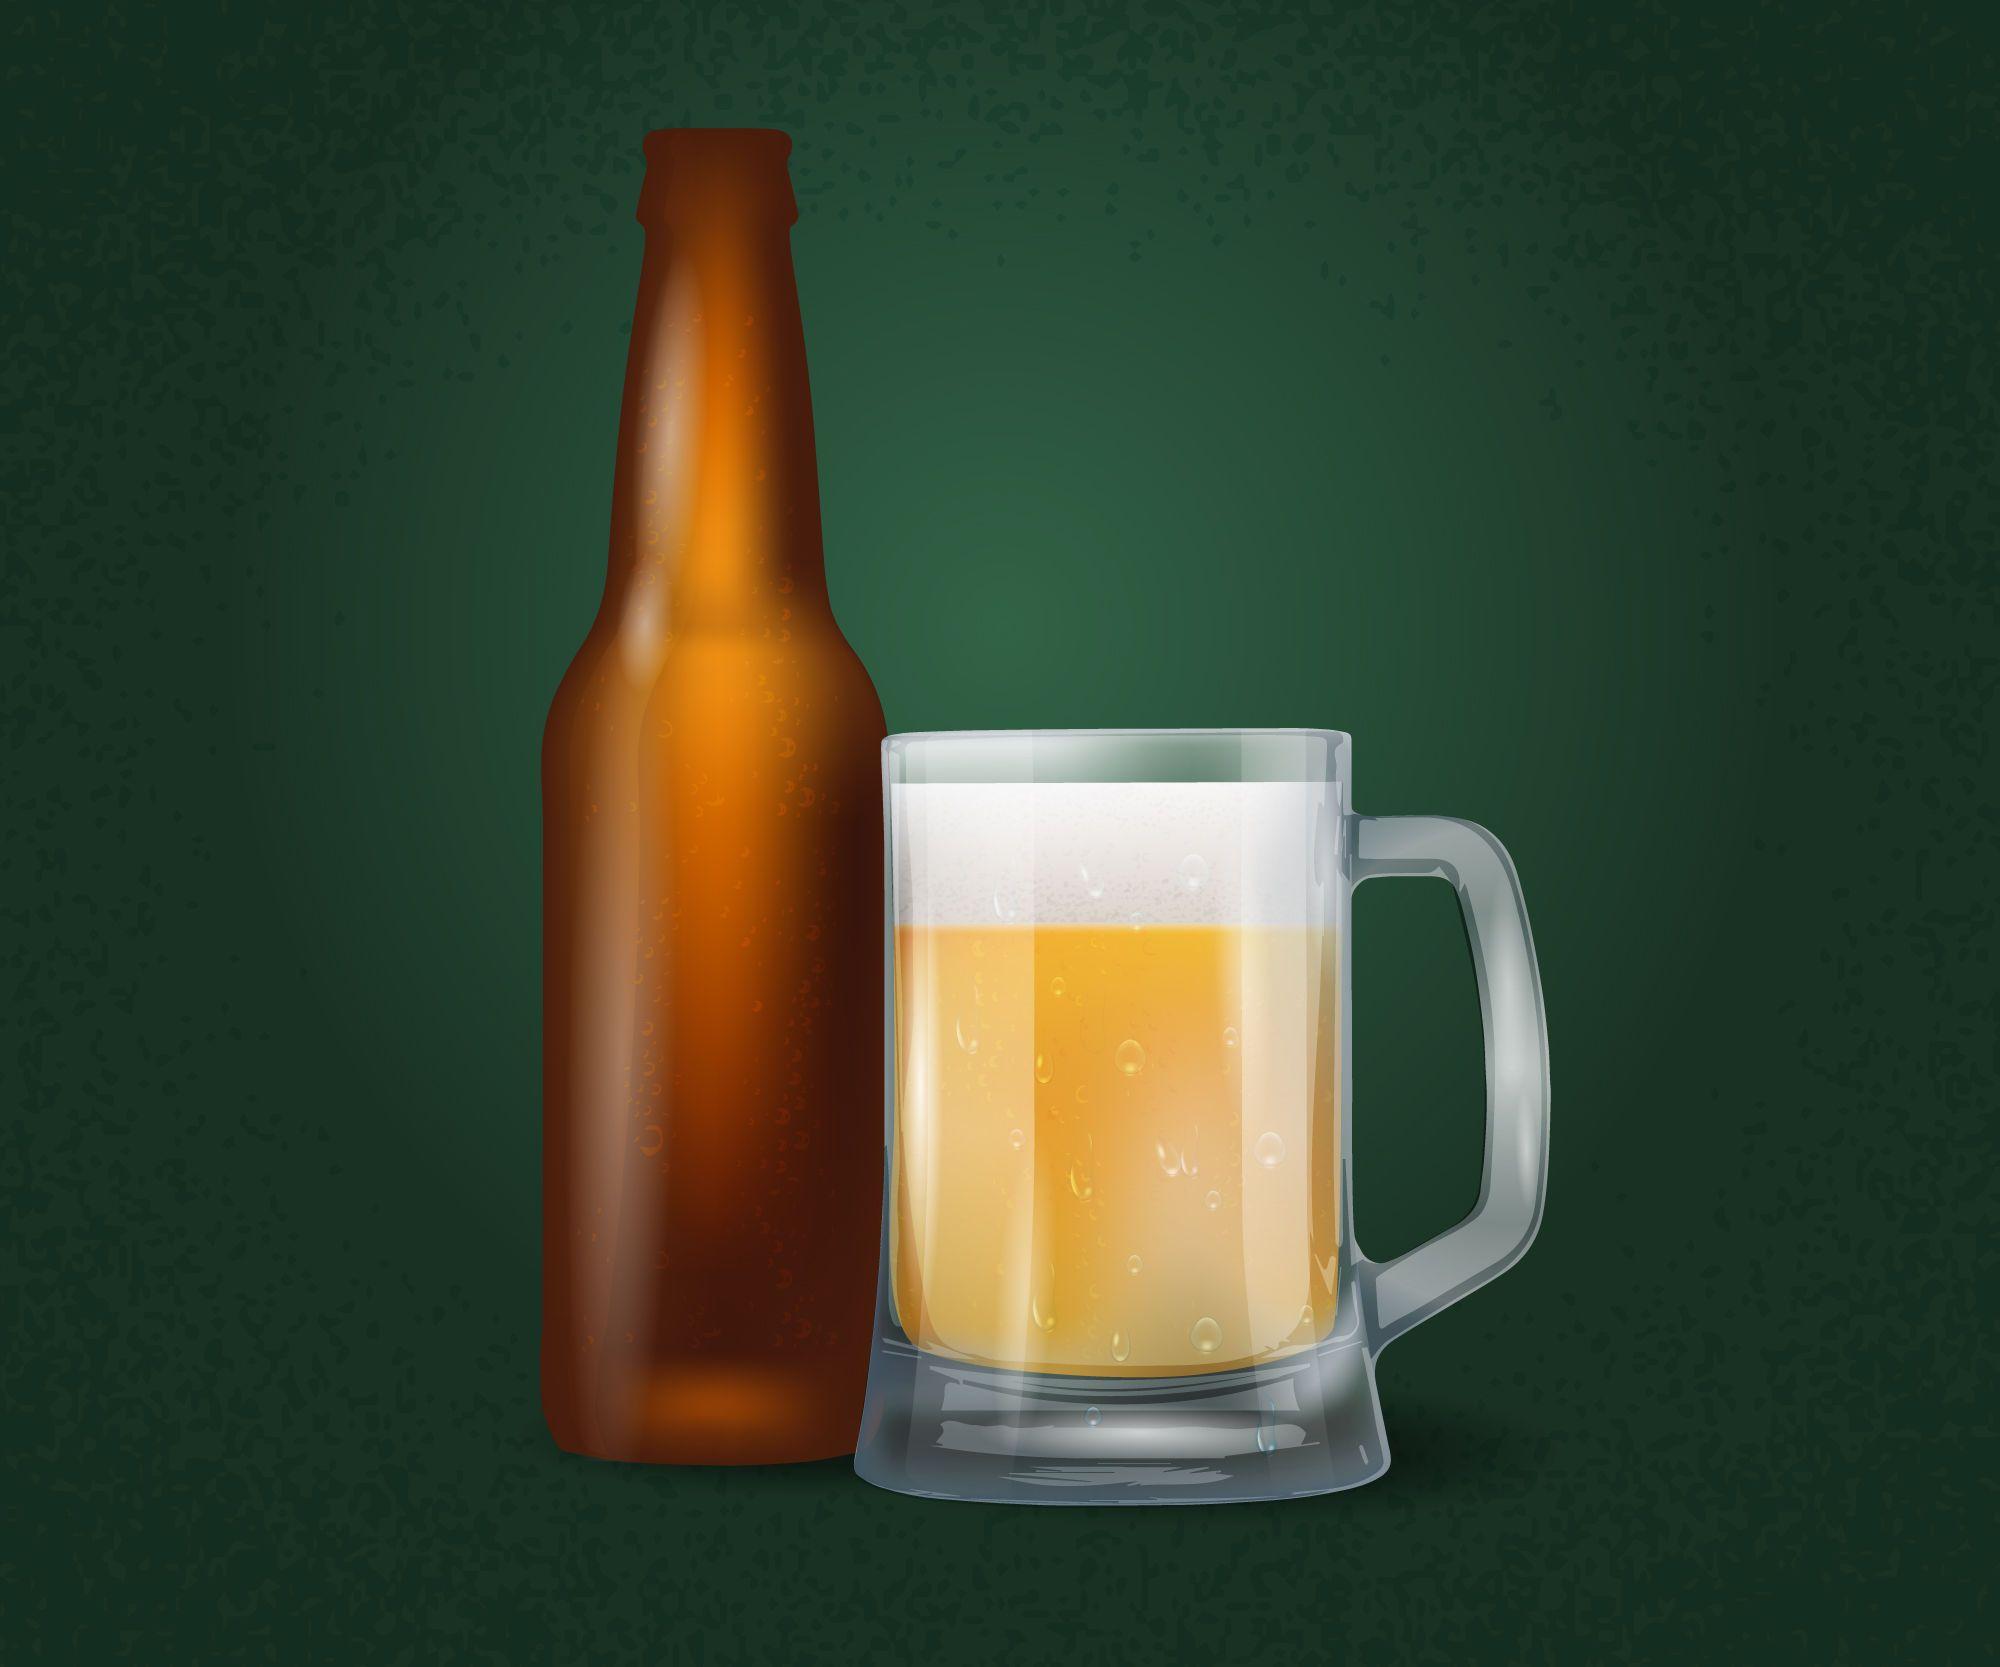 Realistische Bierflasche und Becher